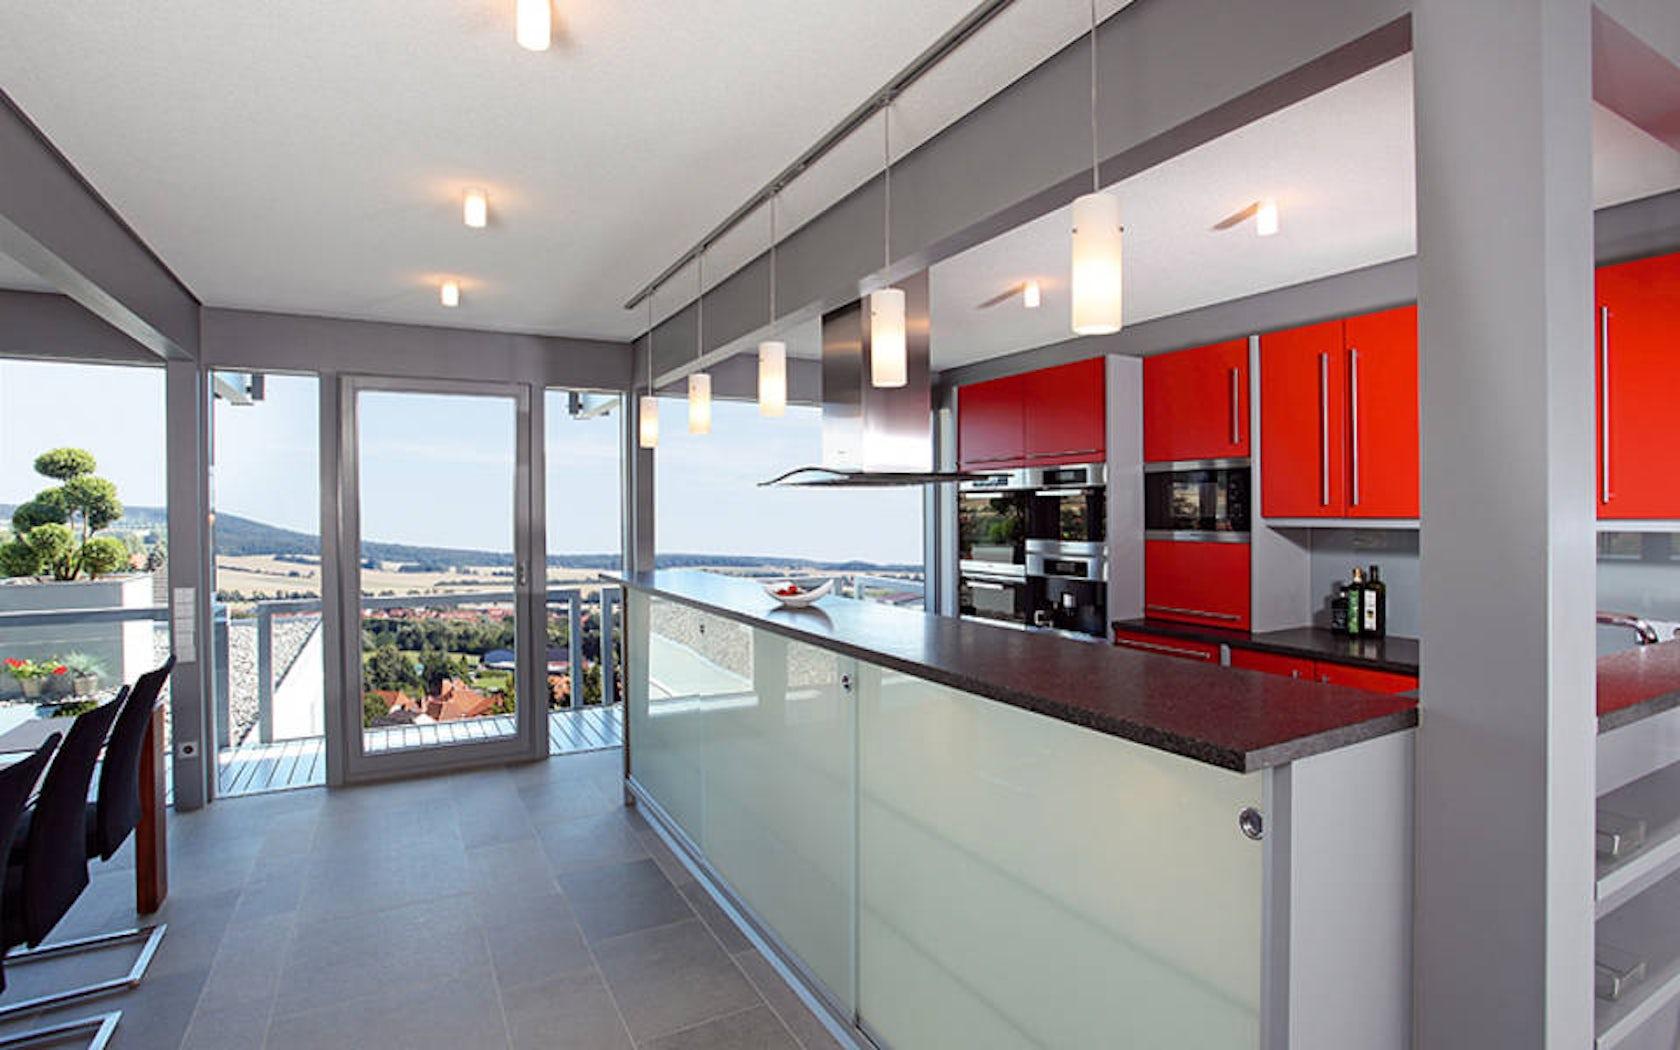 davinci hannover clients house architizer. Black Bedroom Furniture Sets. Home Design Ideas